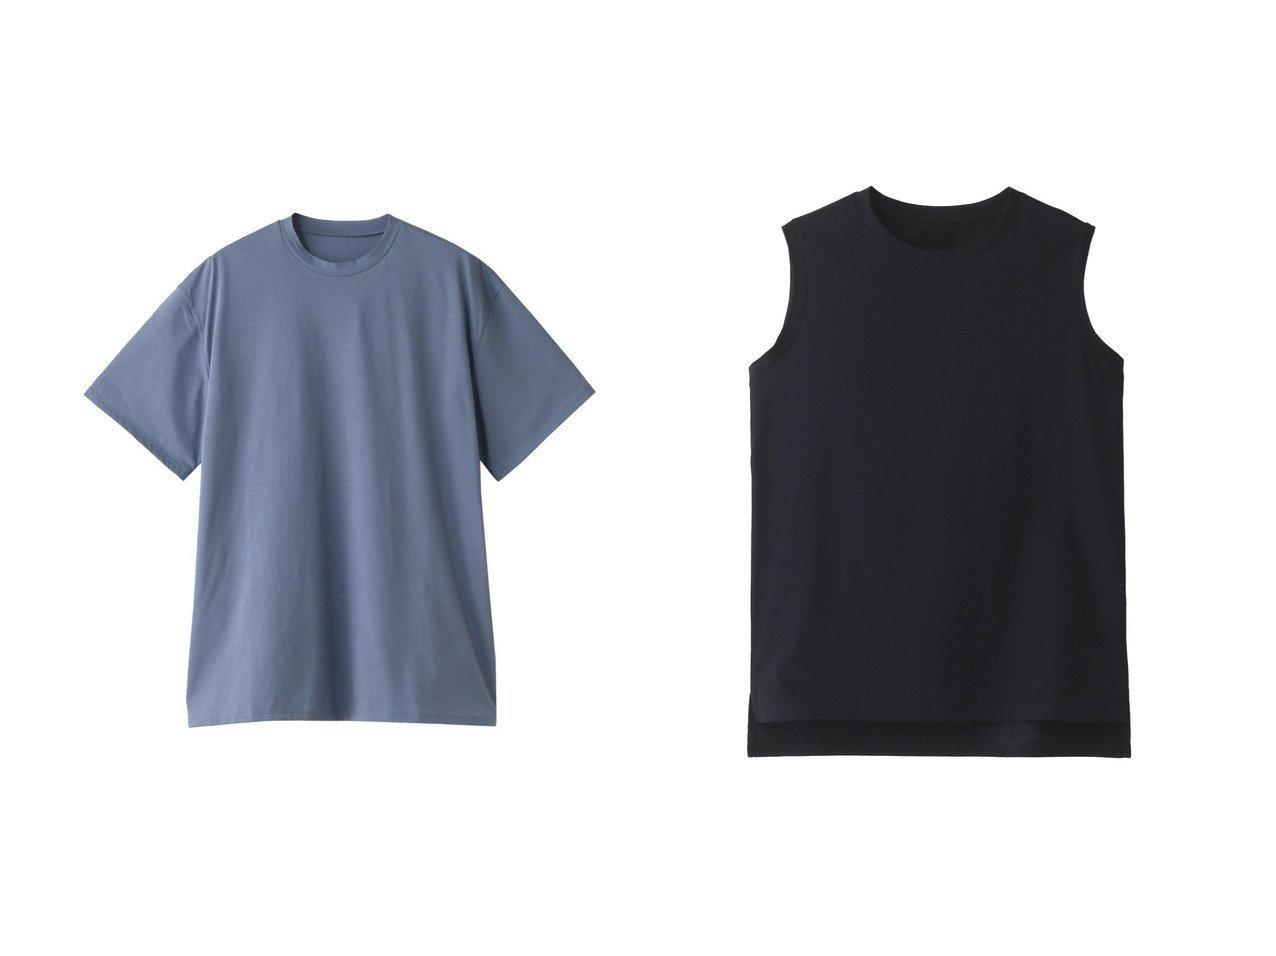 【POSTELEGANT/ポステレガント】のハイゲージコットンノースリーブTシャツ&ハイゲージコットンTシャツ 【トップス・カットソー】おすすめ!人気、トレンド・レディースファッションの通販 おすすめで人気の流行・トレンド、ファッションの通販商品 メンズファッション・キッズファッション・インテリア・家具・レディースファッション・服の通販 founy(ファニー) https://founy.com/ ファッション Fashion レディースファッション WOMEN トップス・カットソー Tops/Tshirt シャツ/ブラウス Shirts/Blouses ロング / Tシャツ T-Shirts カットソー Cut and Sewn キャミソール / ノースリーブ No Sleeves 2021年 2021 2021春夏・S/S SS/Spring/Summer/2021 S/S・春夏 SS・Spring/Summer ショート シンプル スリーブ ボトム 今季 春 Spring |ID:crp329100000028631